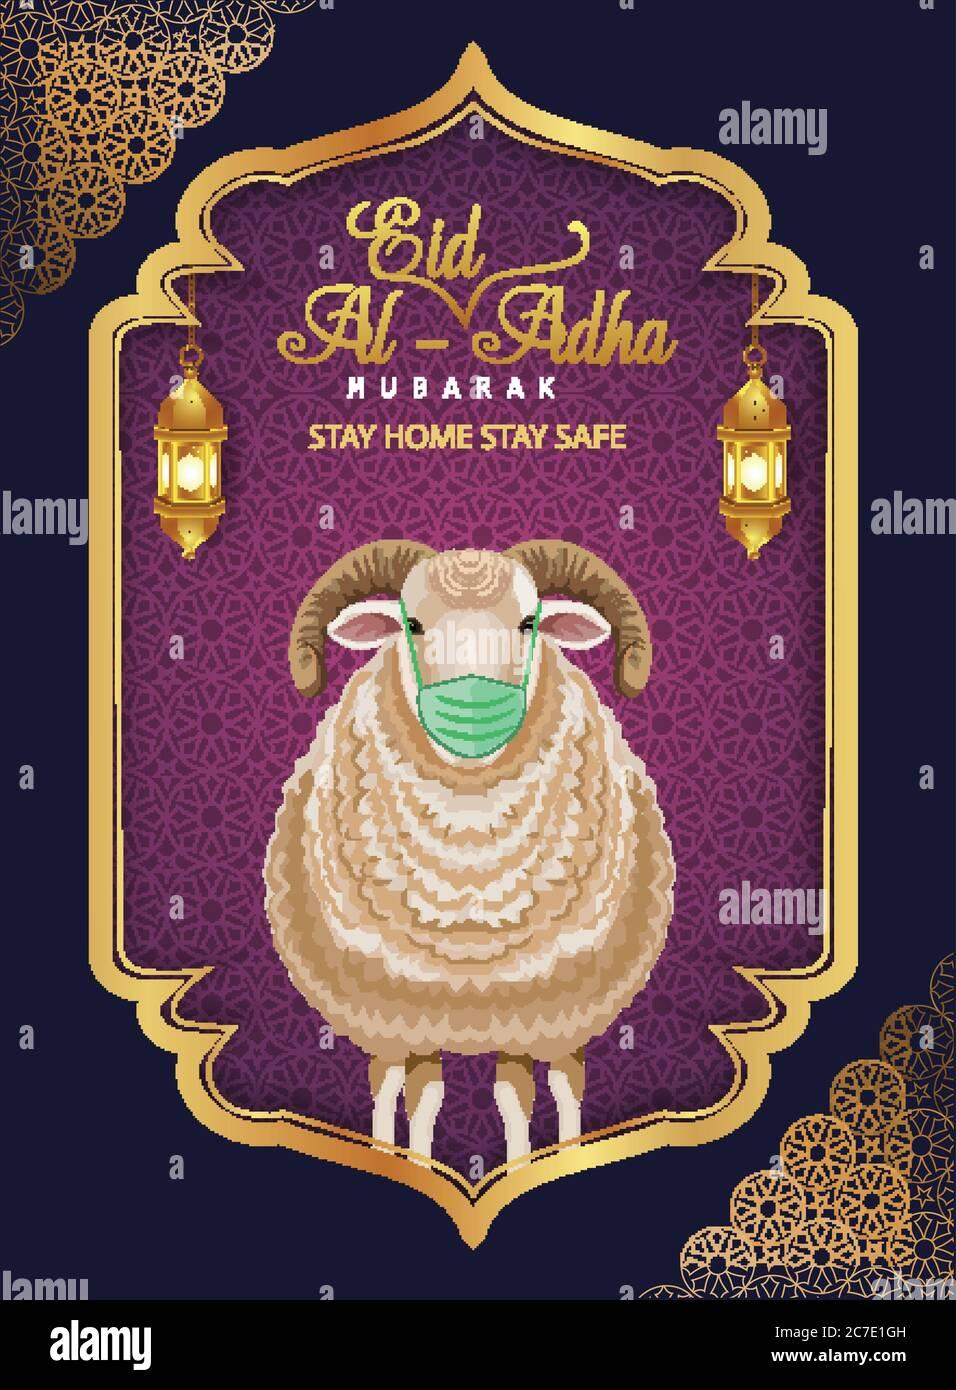 View 26 Eid Mubarak Eid Al Adha - Nowgoc